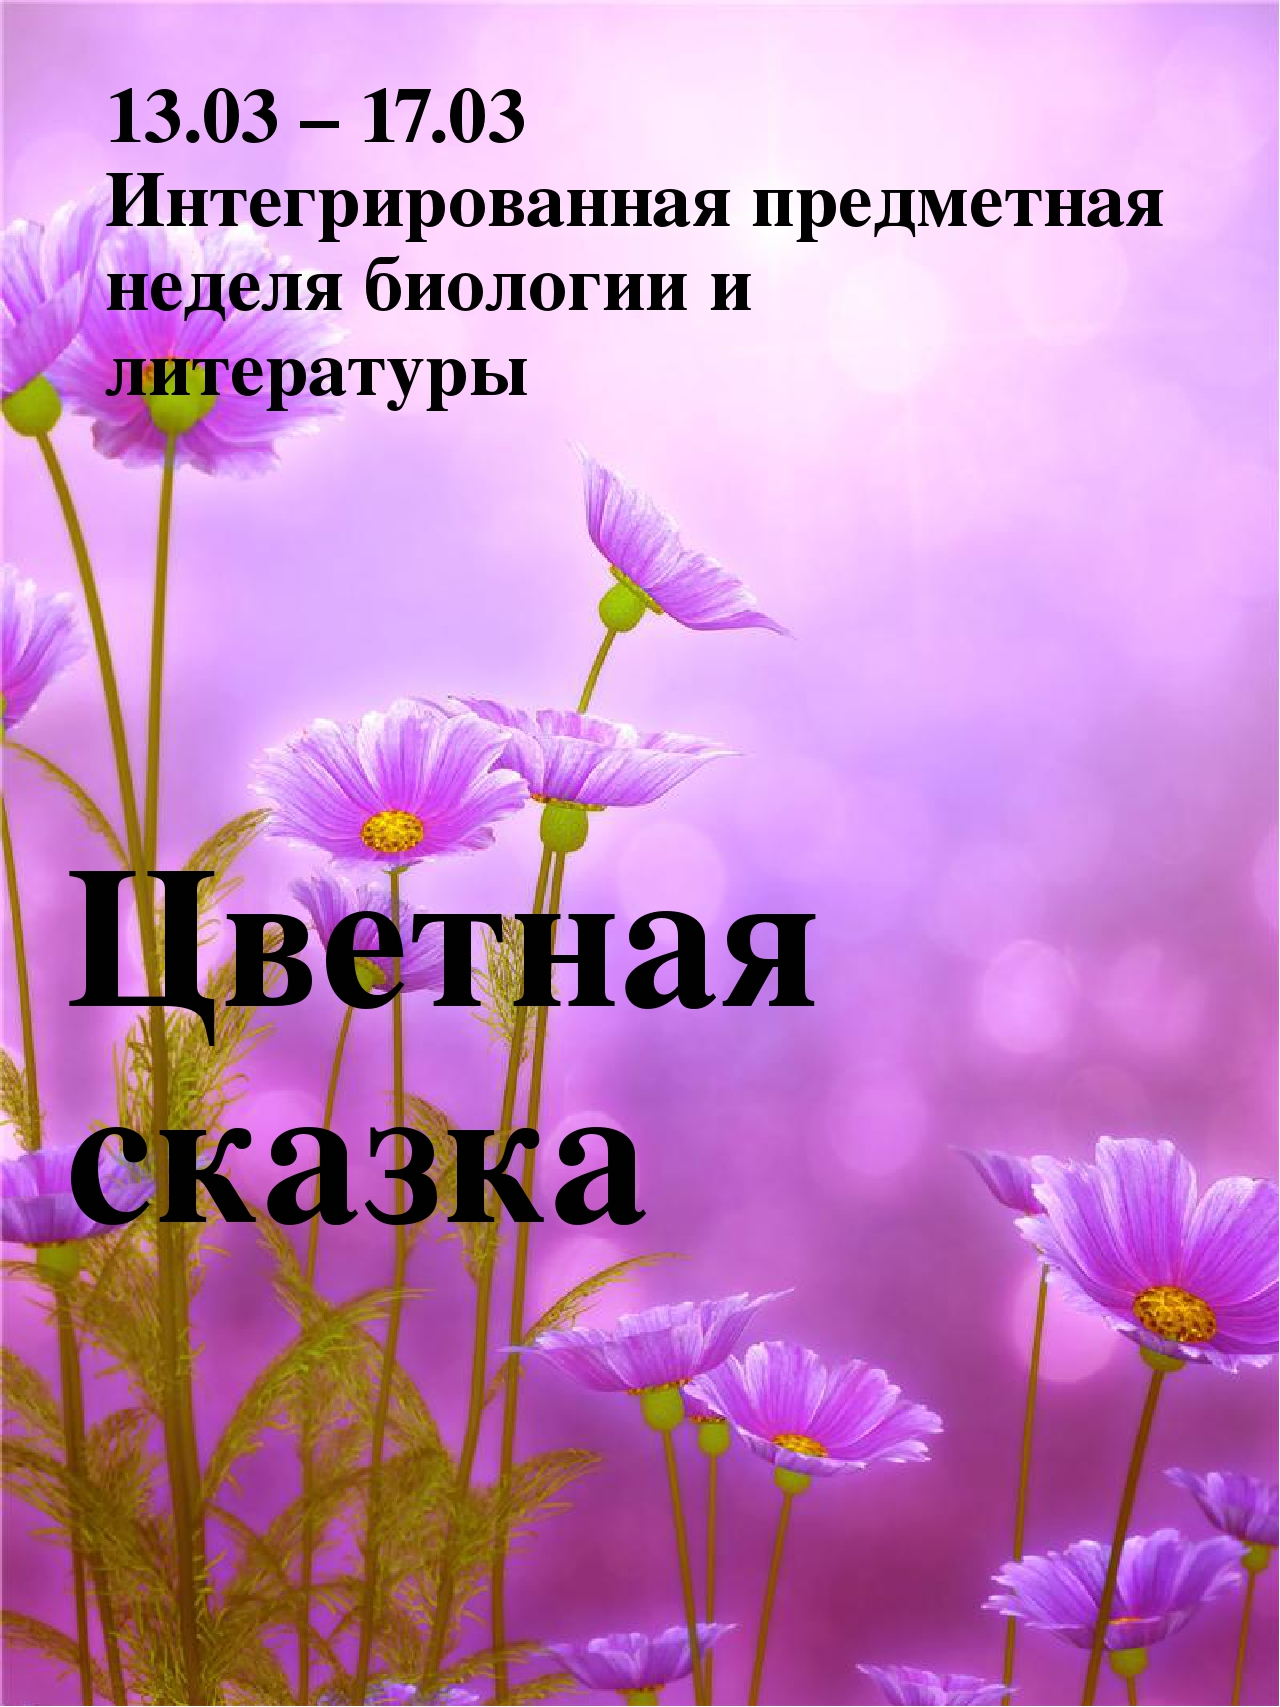 Биология тема цветы